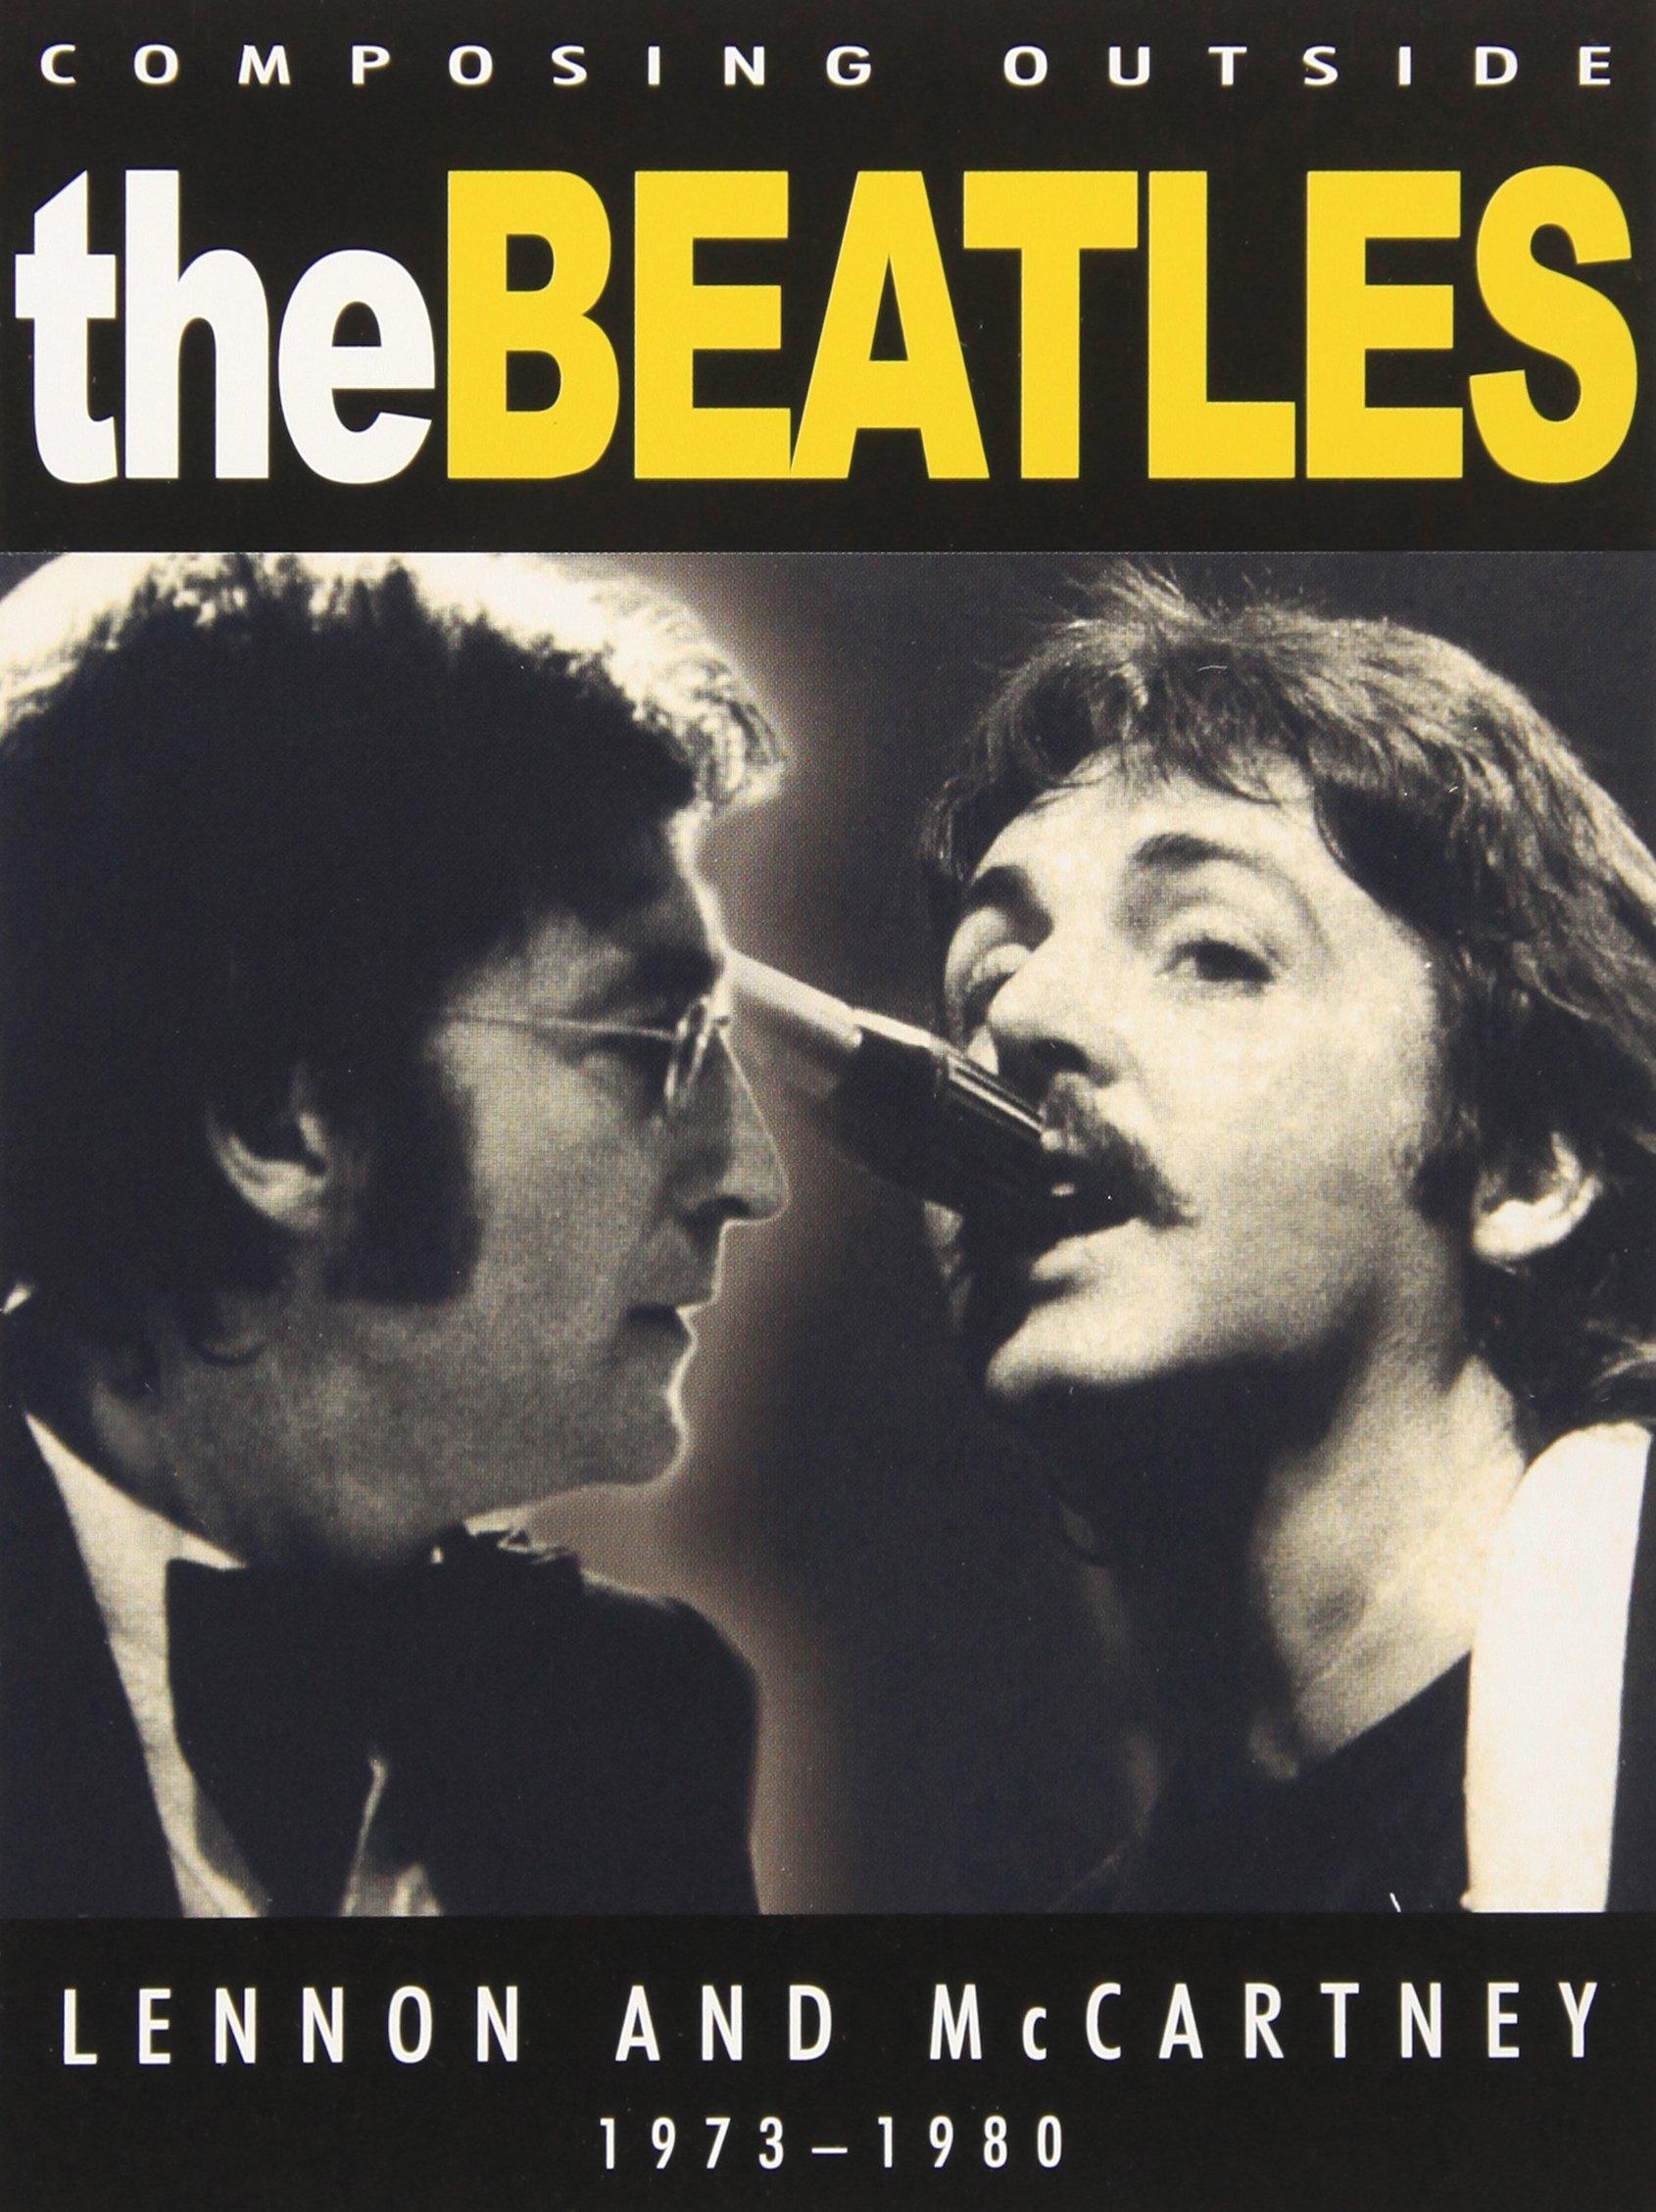 DVD : John Lennon - Beatles - Composing Outside The Beatles: Lennon And Mccartney 1973-80 (DVD)